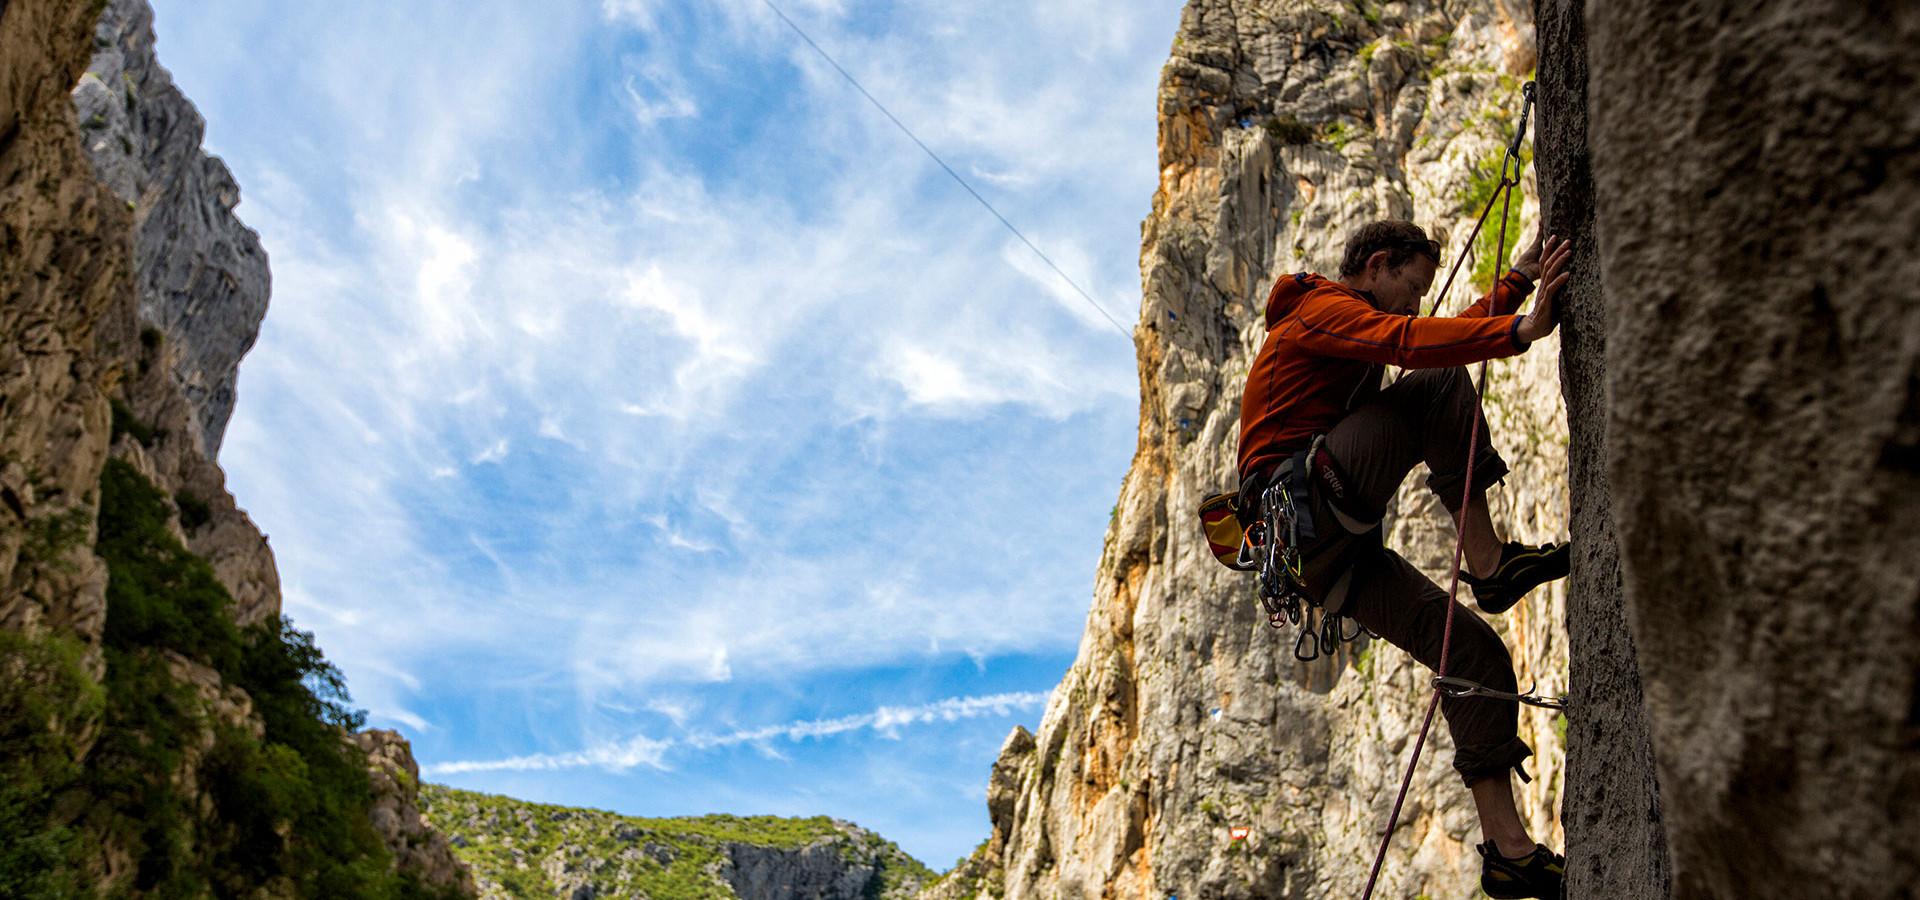 Результат пошуку зображень за запитом Rock climbing photo